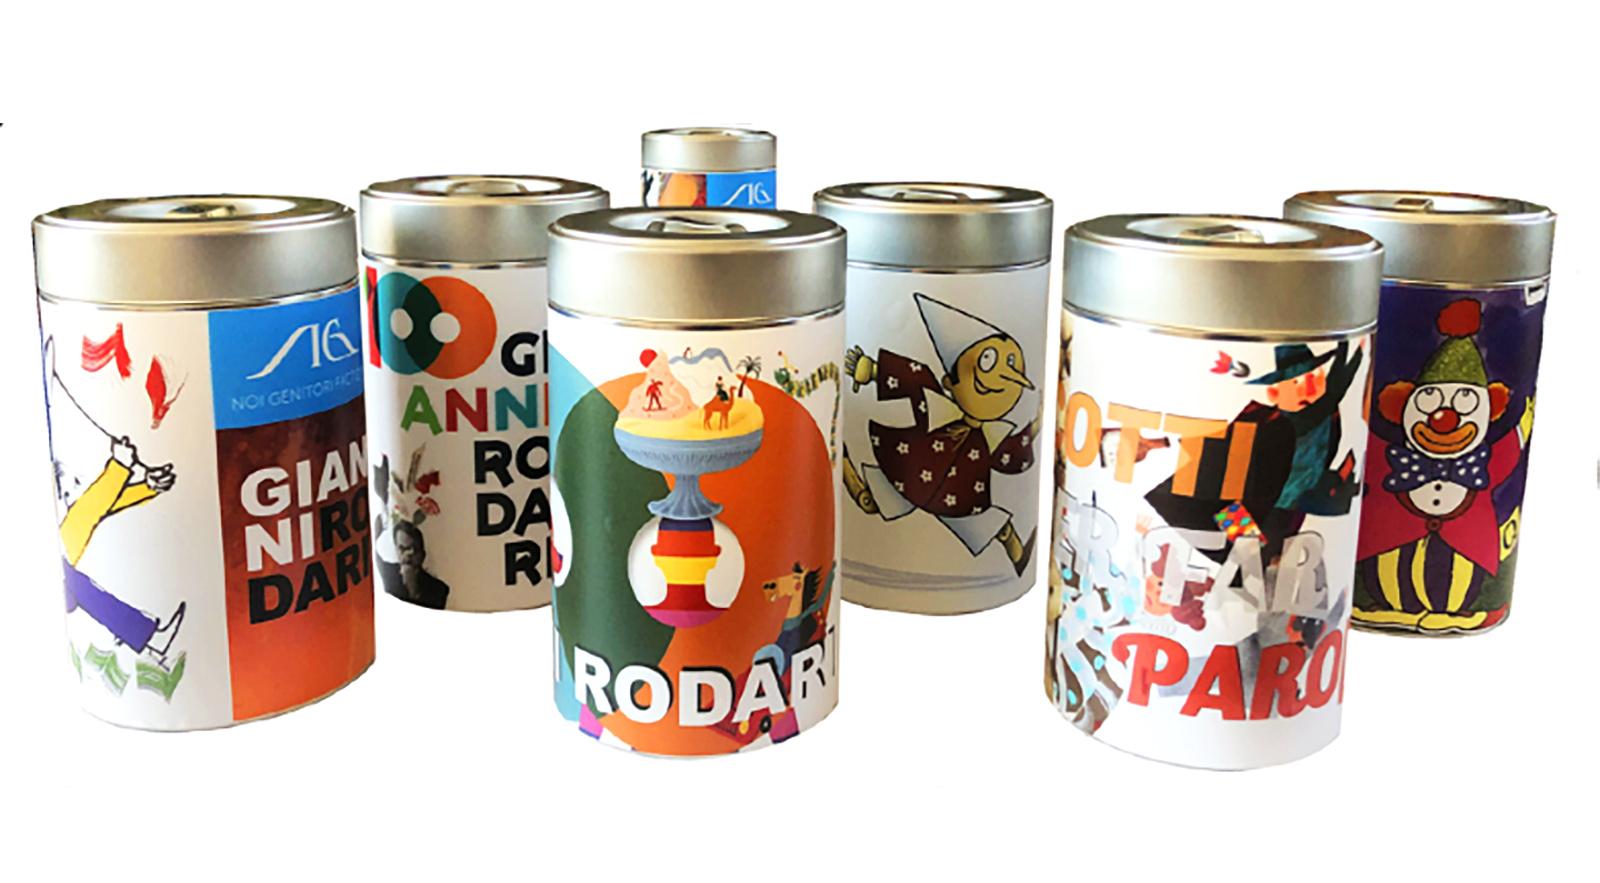 Le scatole di Gianni Rodari